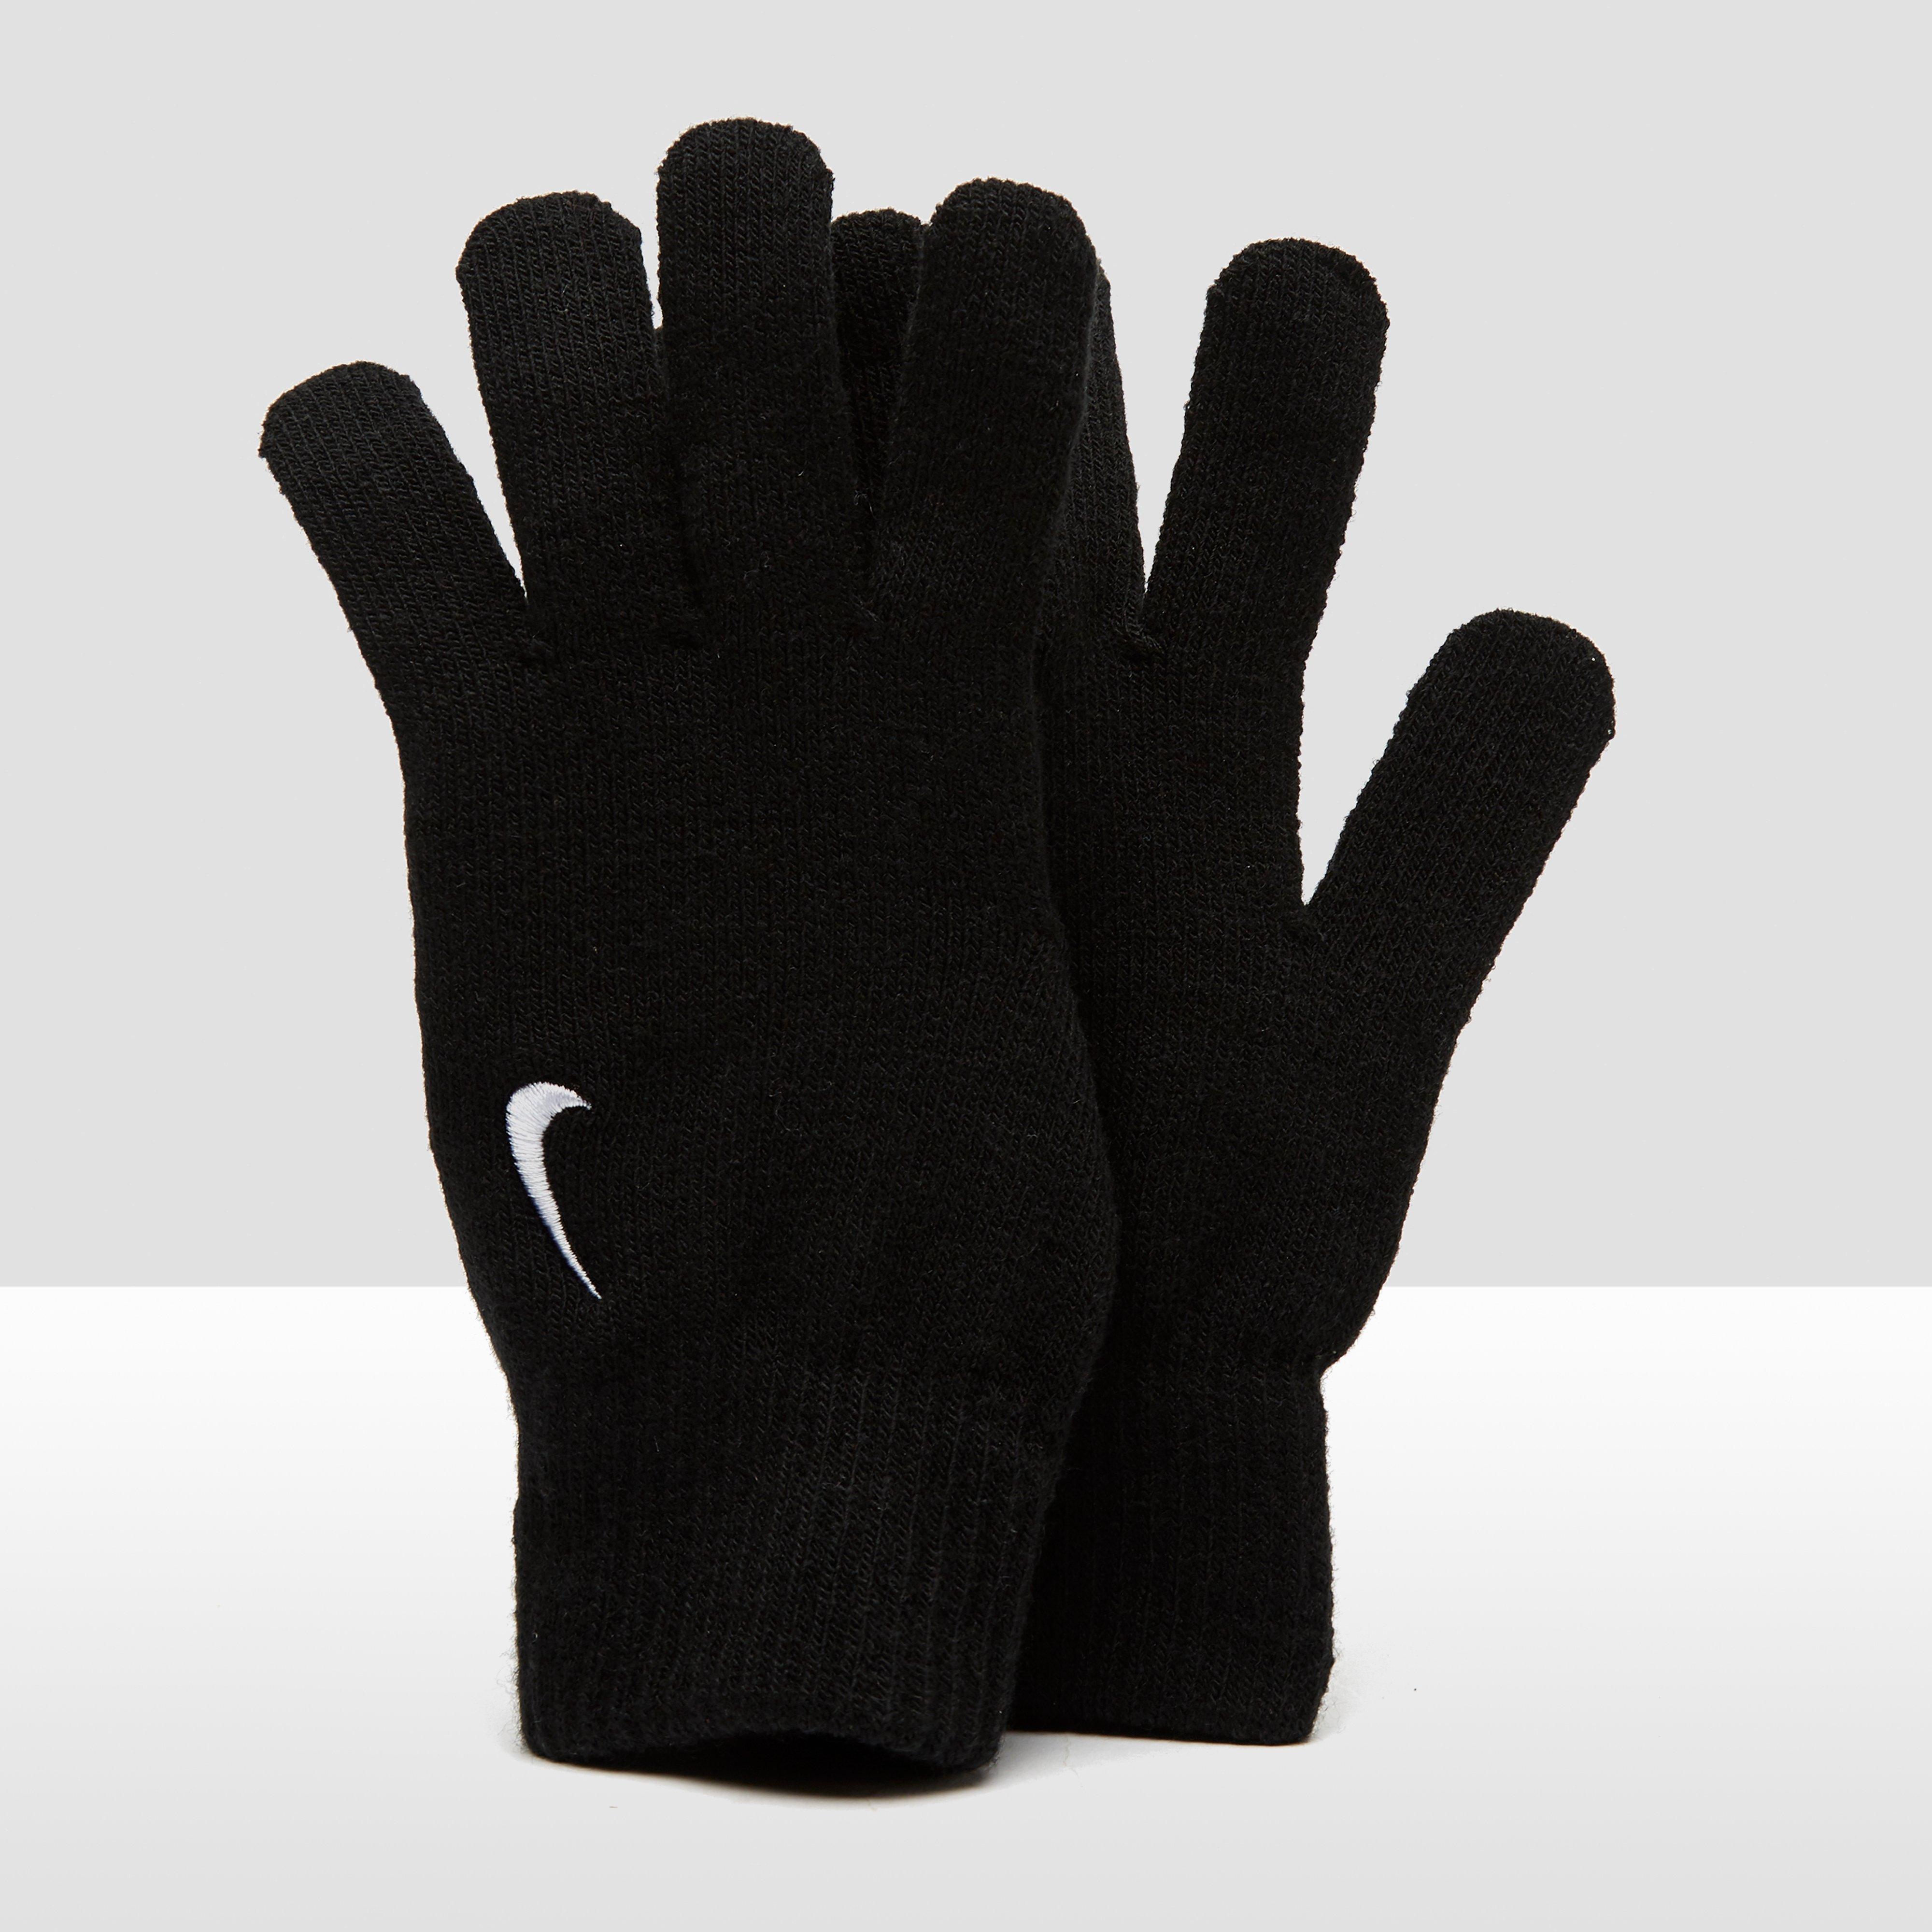 nike swoosh knit handschoenen zwart wit perrysportnike swoosh knit handschoenen zwart wit